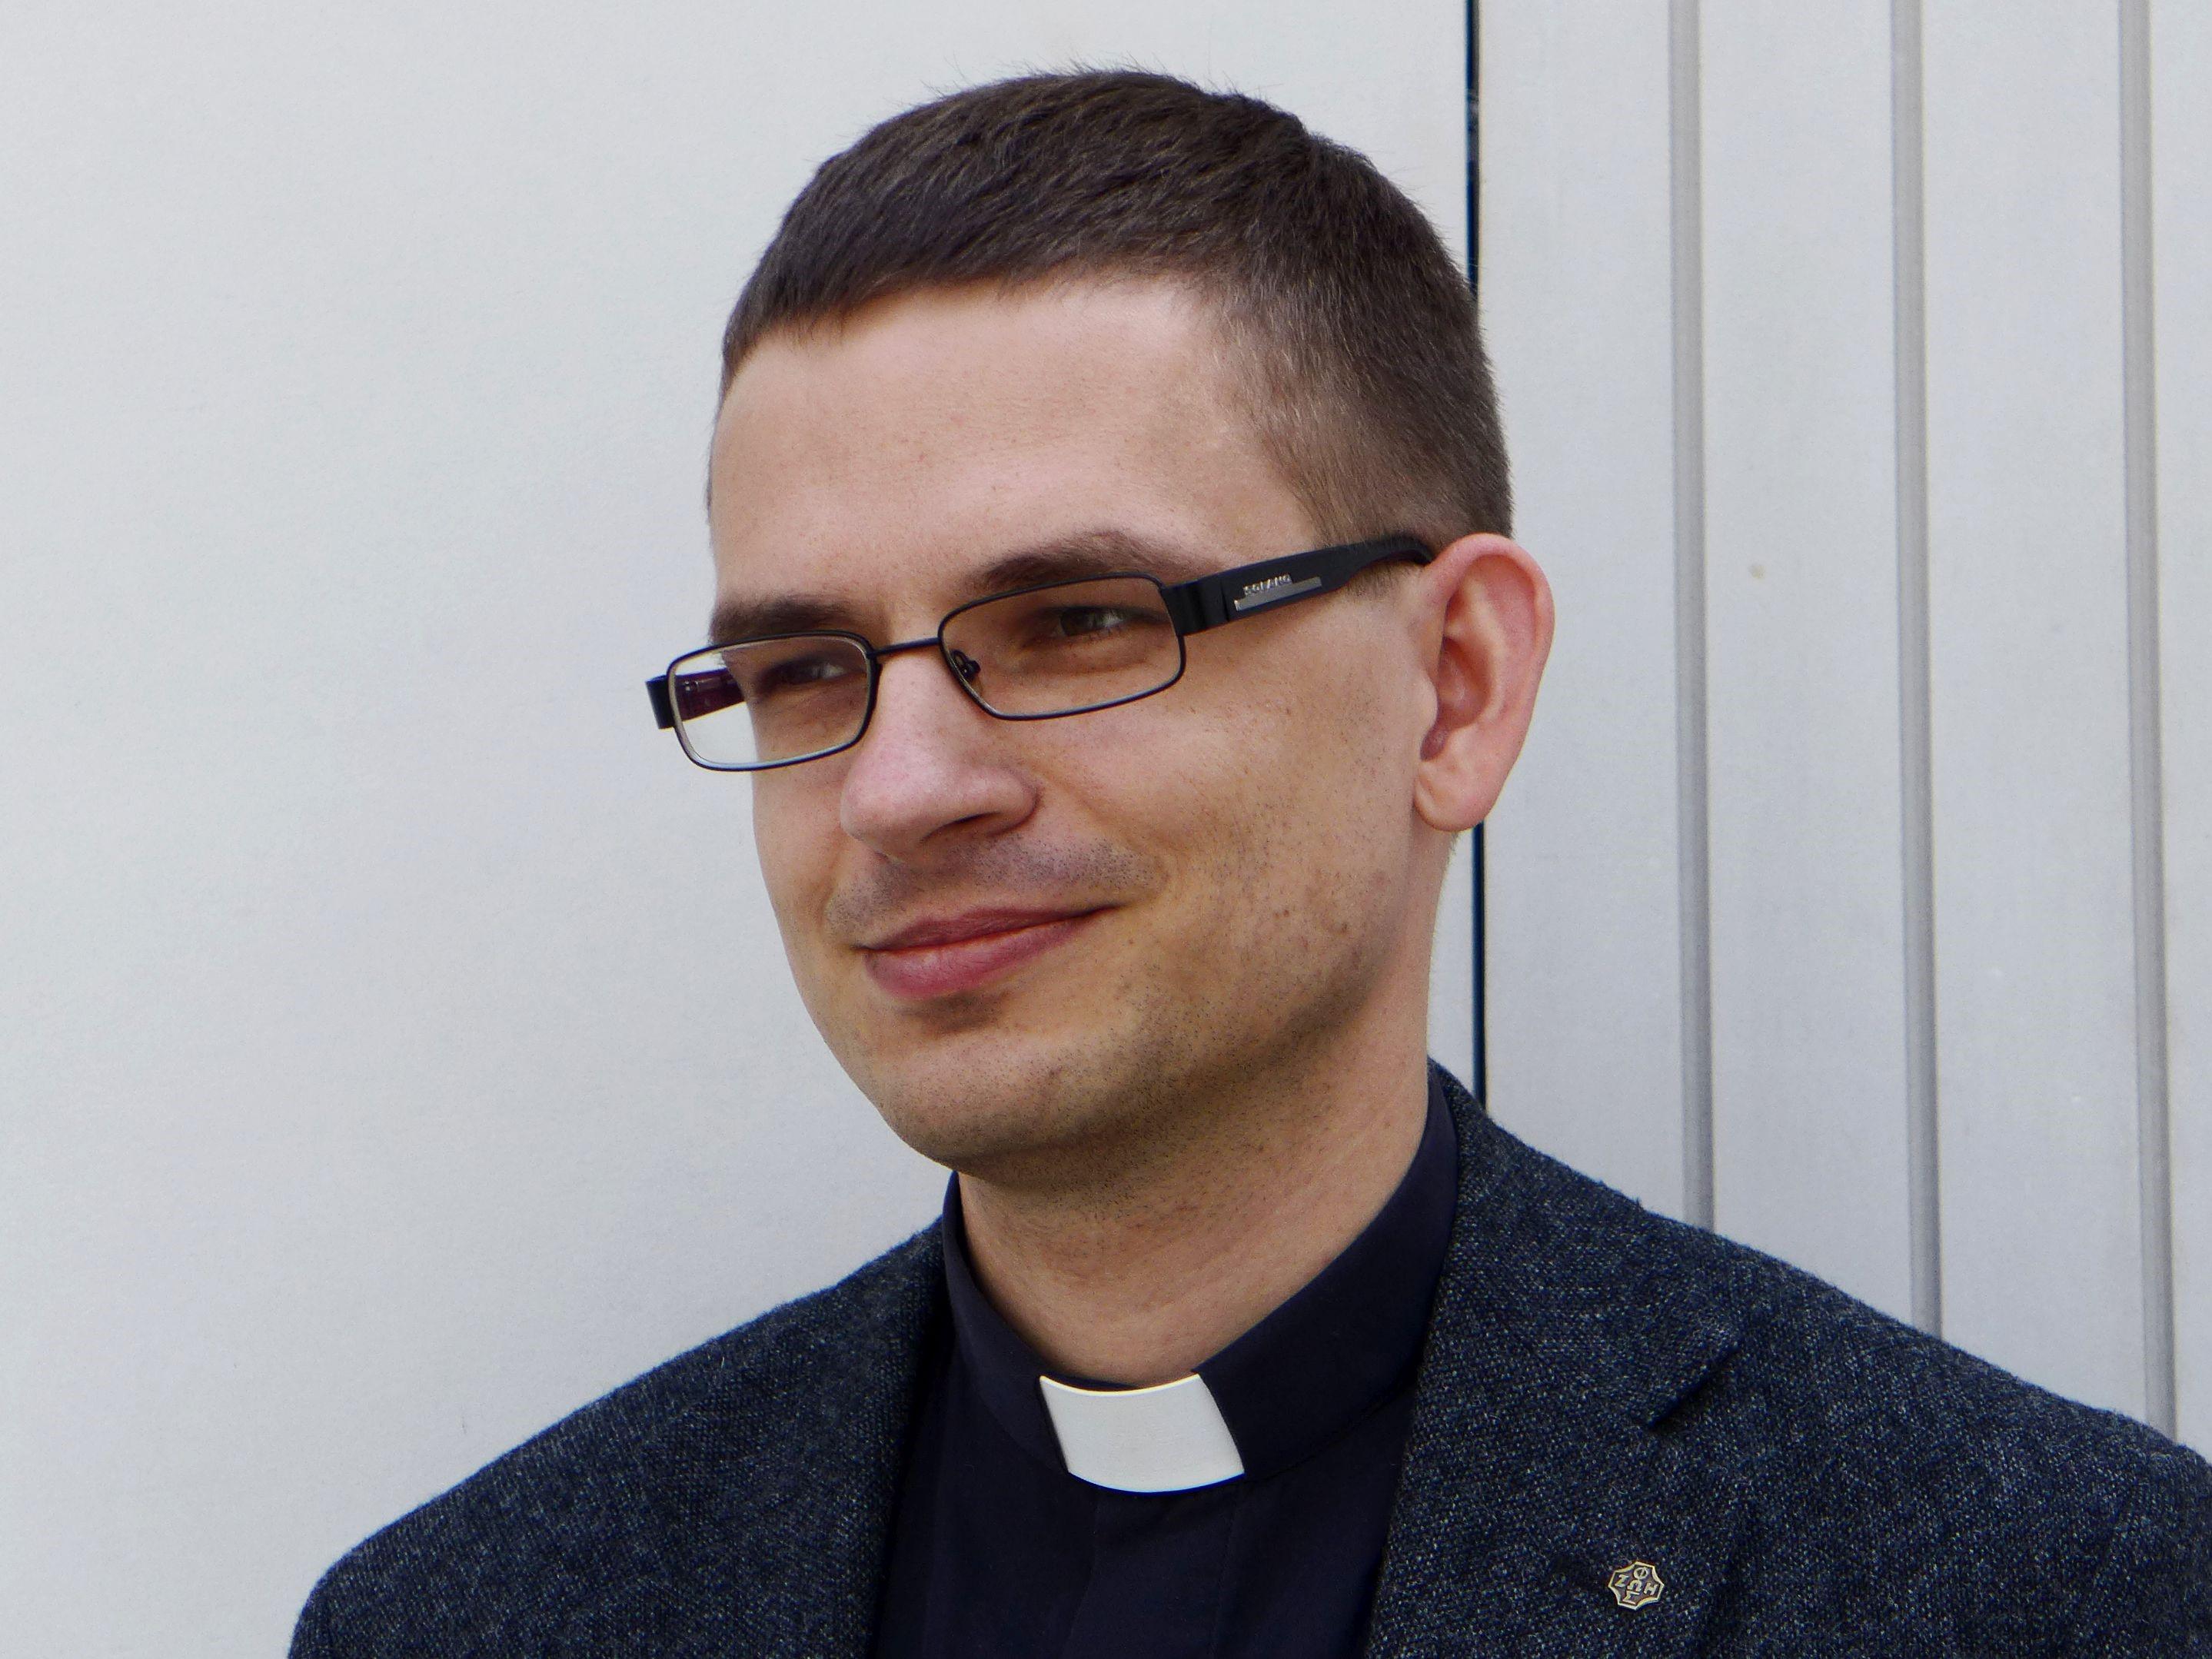 Ks. Stanisław Adamiak rektorem seminarium duchownego w Toruniu